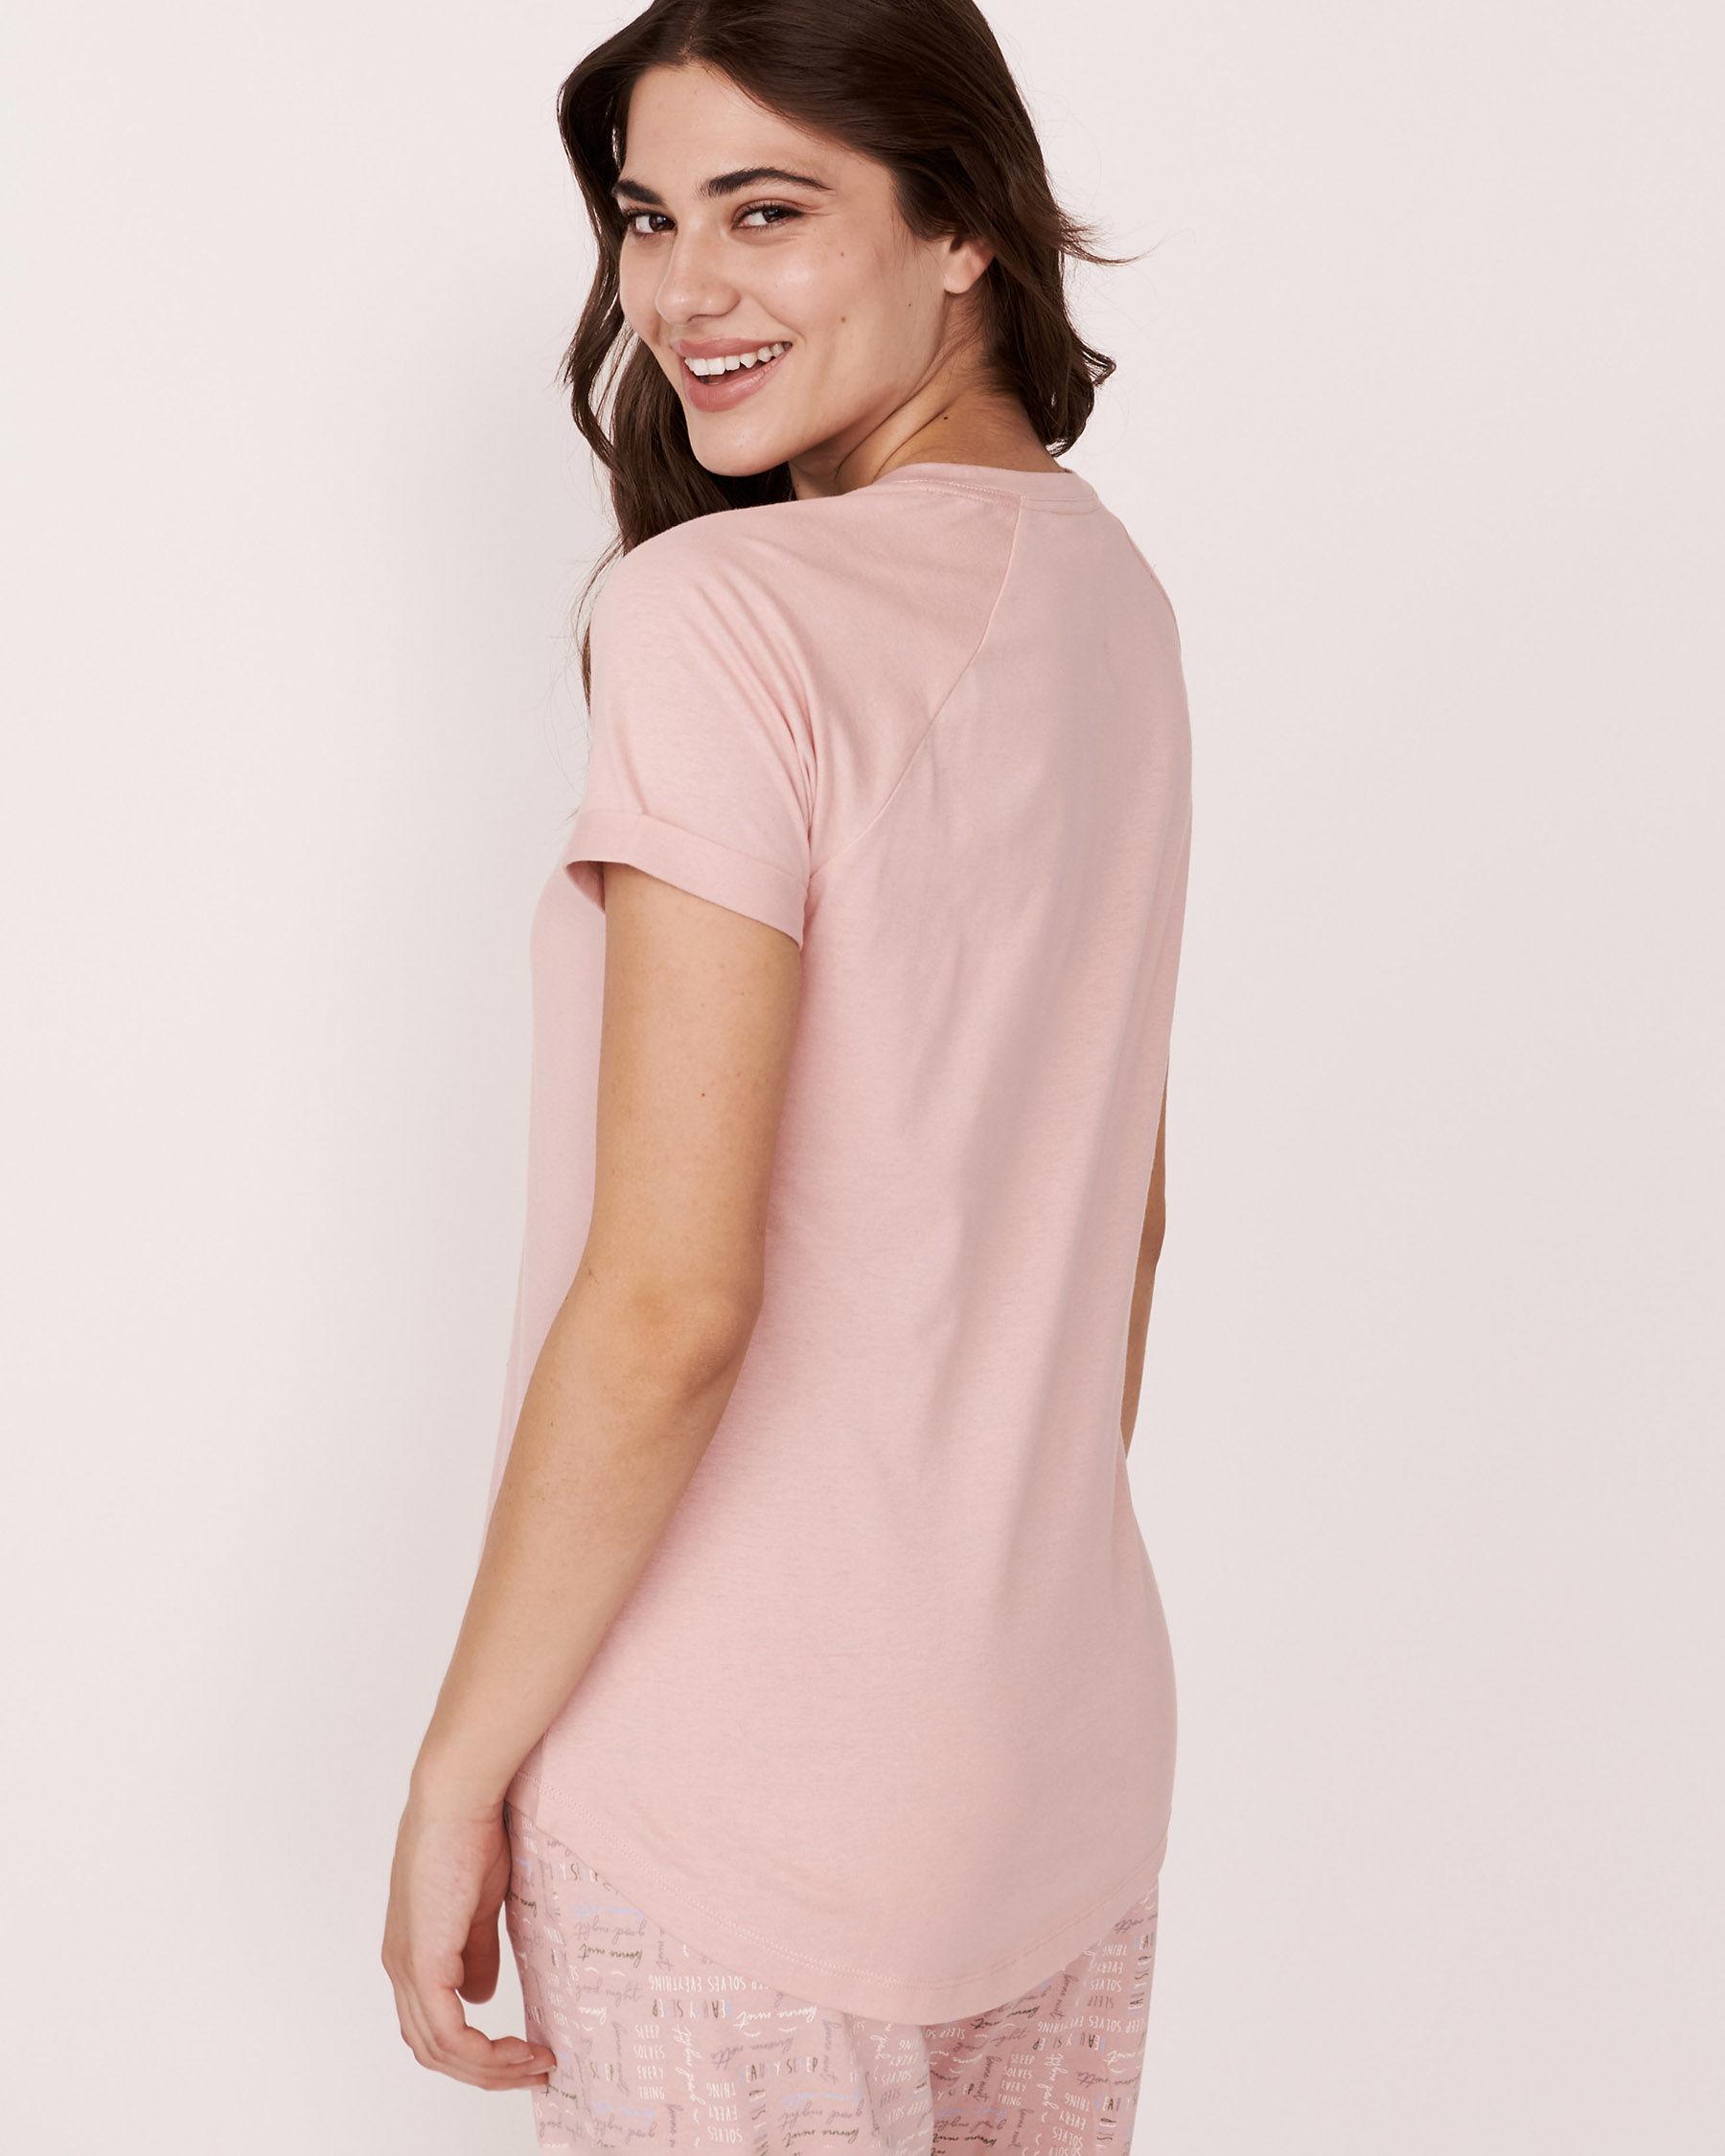 LA VIE EN ROSE Raglan Short Sleeves Shirt Pink 880-386-1-11 - View2